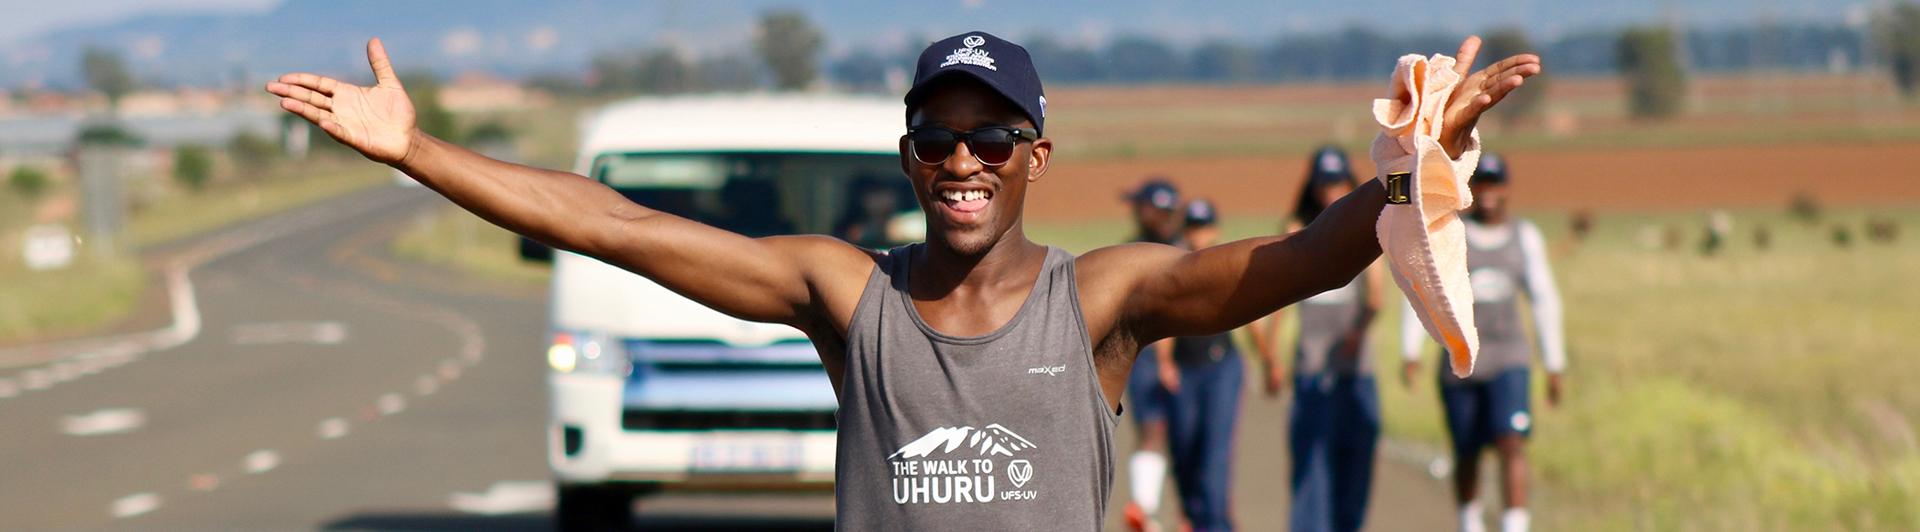 #UFSWalkToUhuru